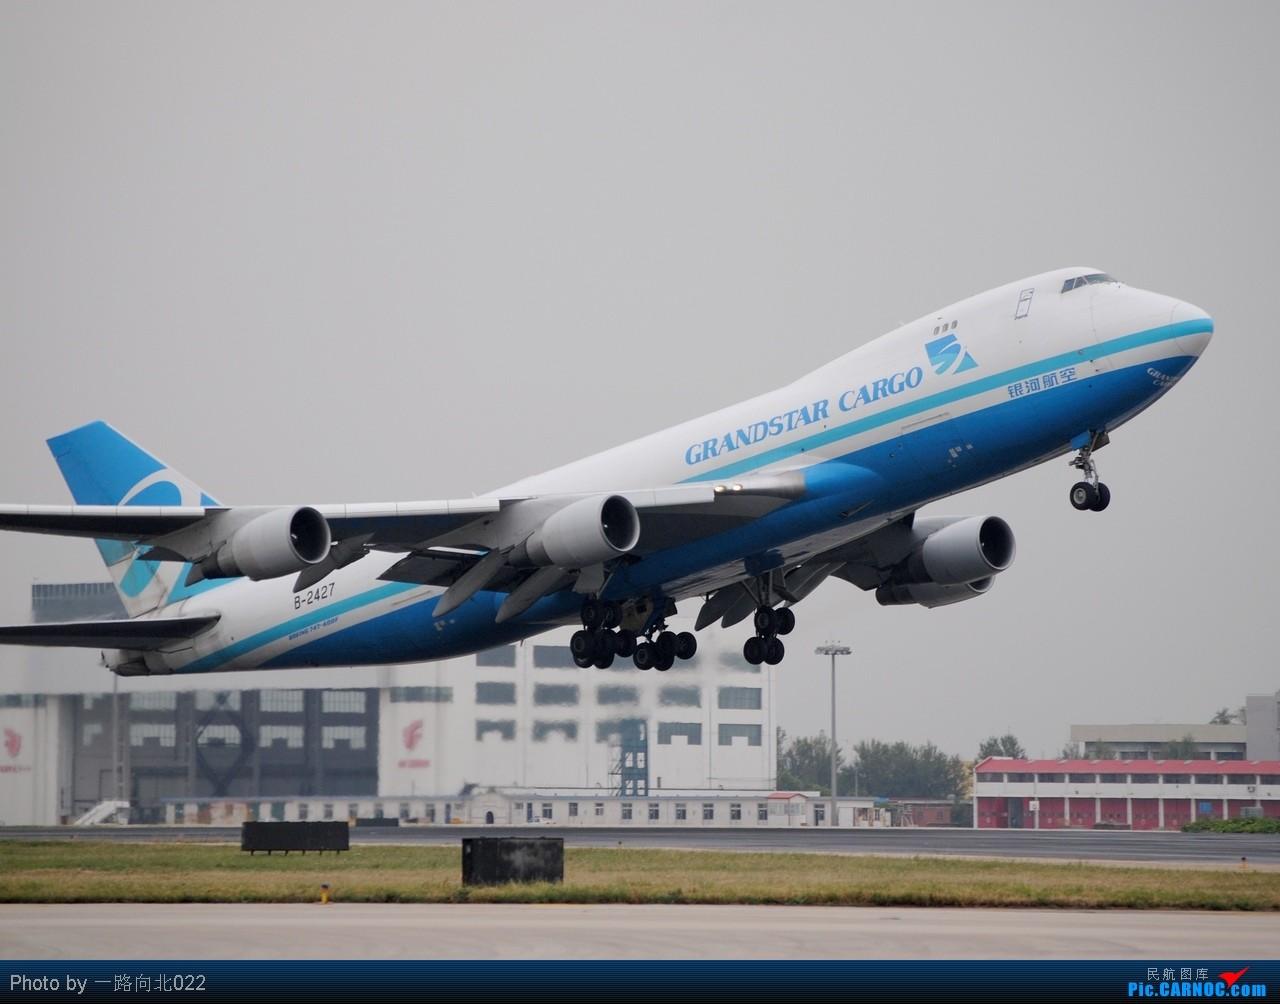 Re:[原创]**TSN**TSN**都去直博会了 坚守阵地 BOEING 747-400F B-2427 中国天津滨海机场